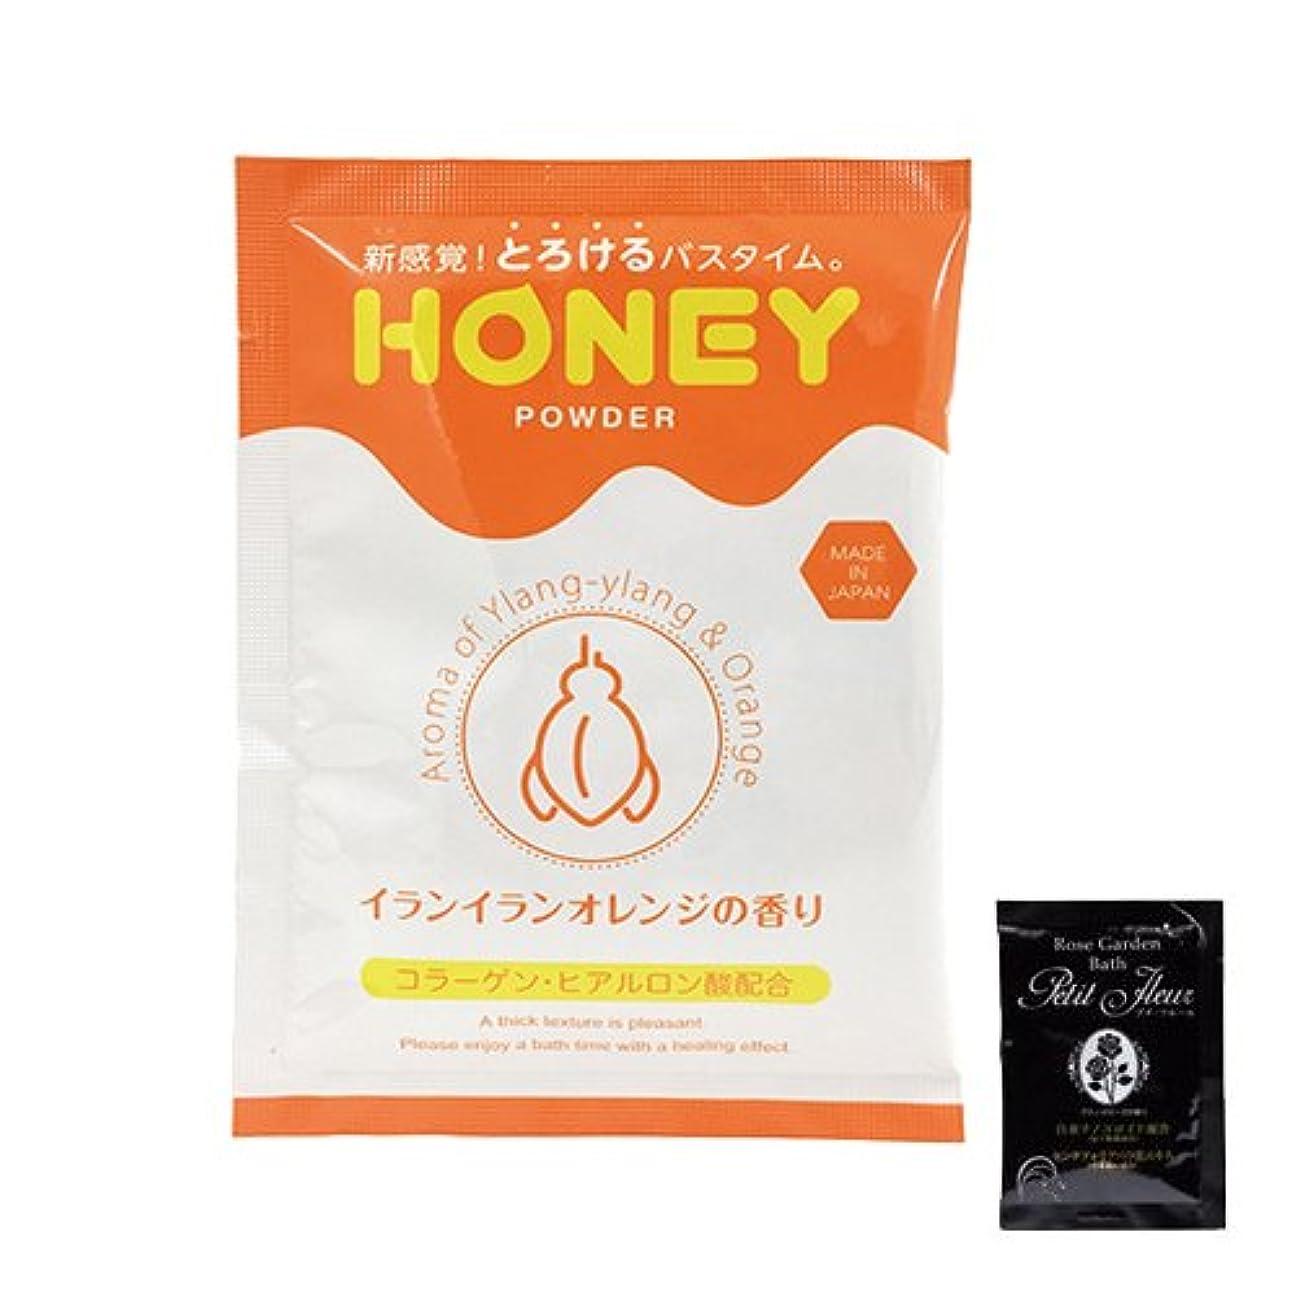 審判怠岸【honey powder】(ハニーパウダー) イランイランオレンジの香り 粉末タイプ + 入浴剤プチフルール1回分セット